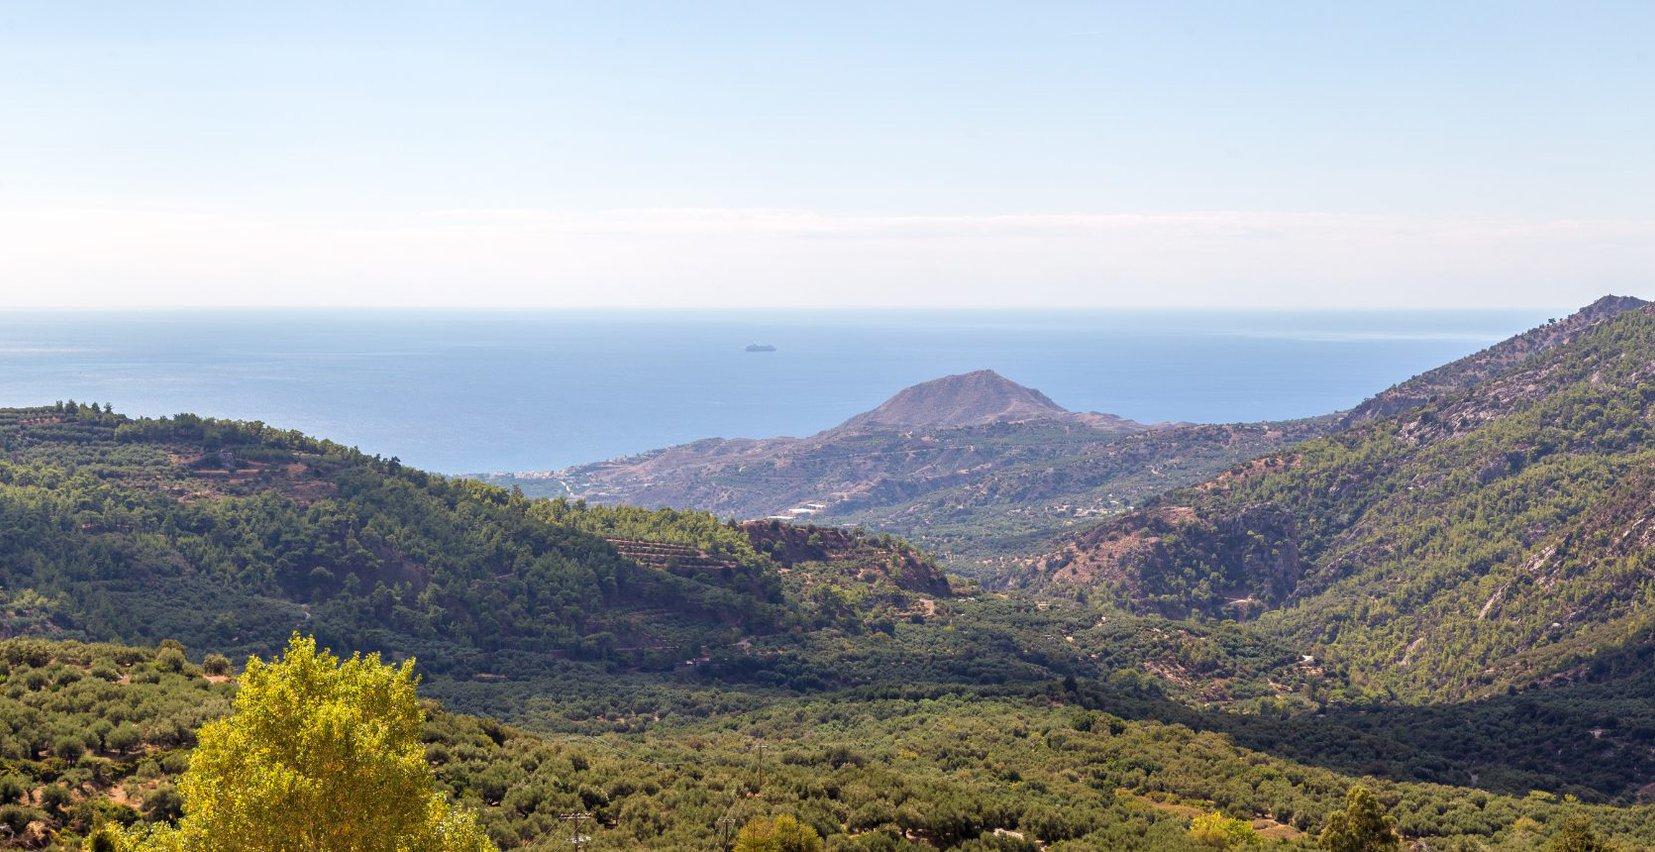 Η θέα από τα πανέμορφα βουνά των Μαλλών και την θάλασσα